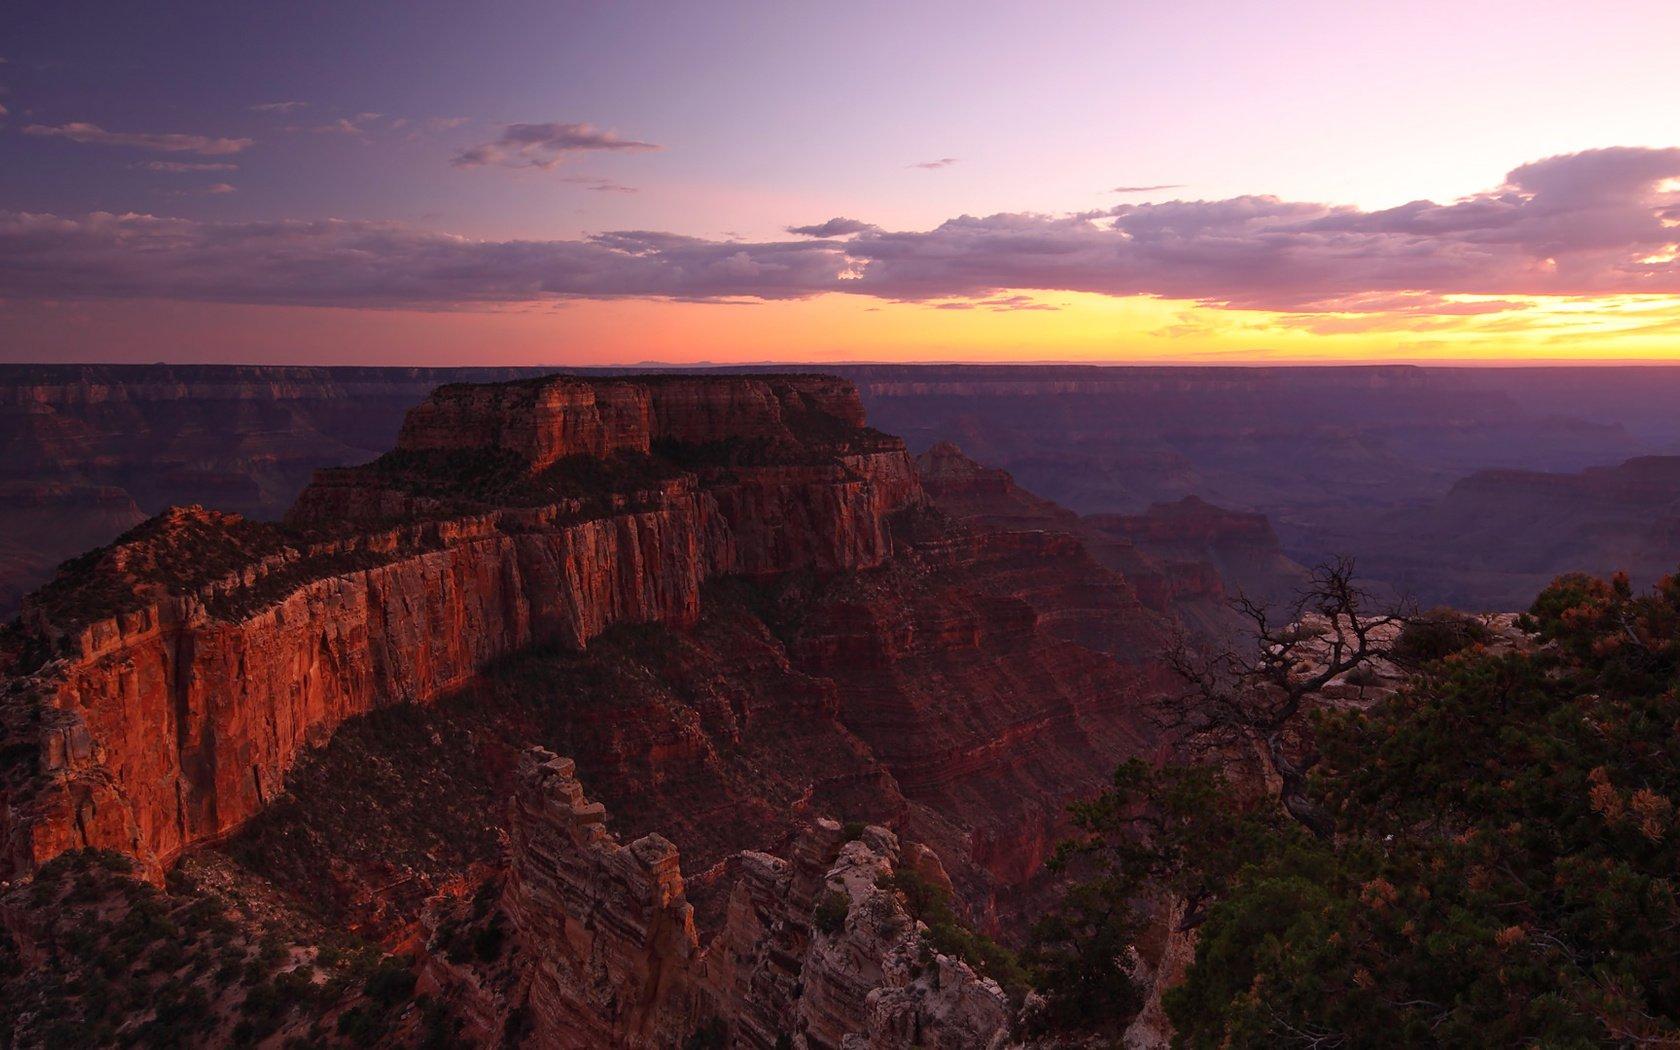 Закат над каньоном без смс